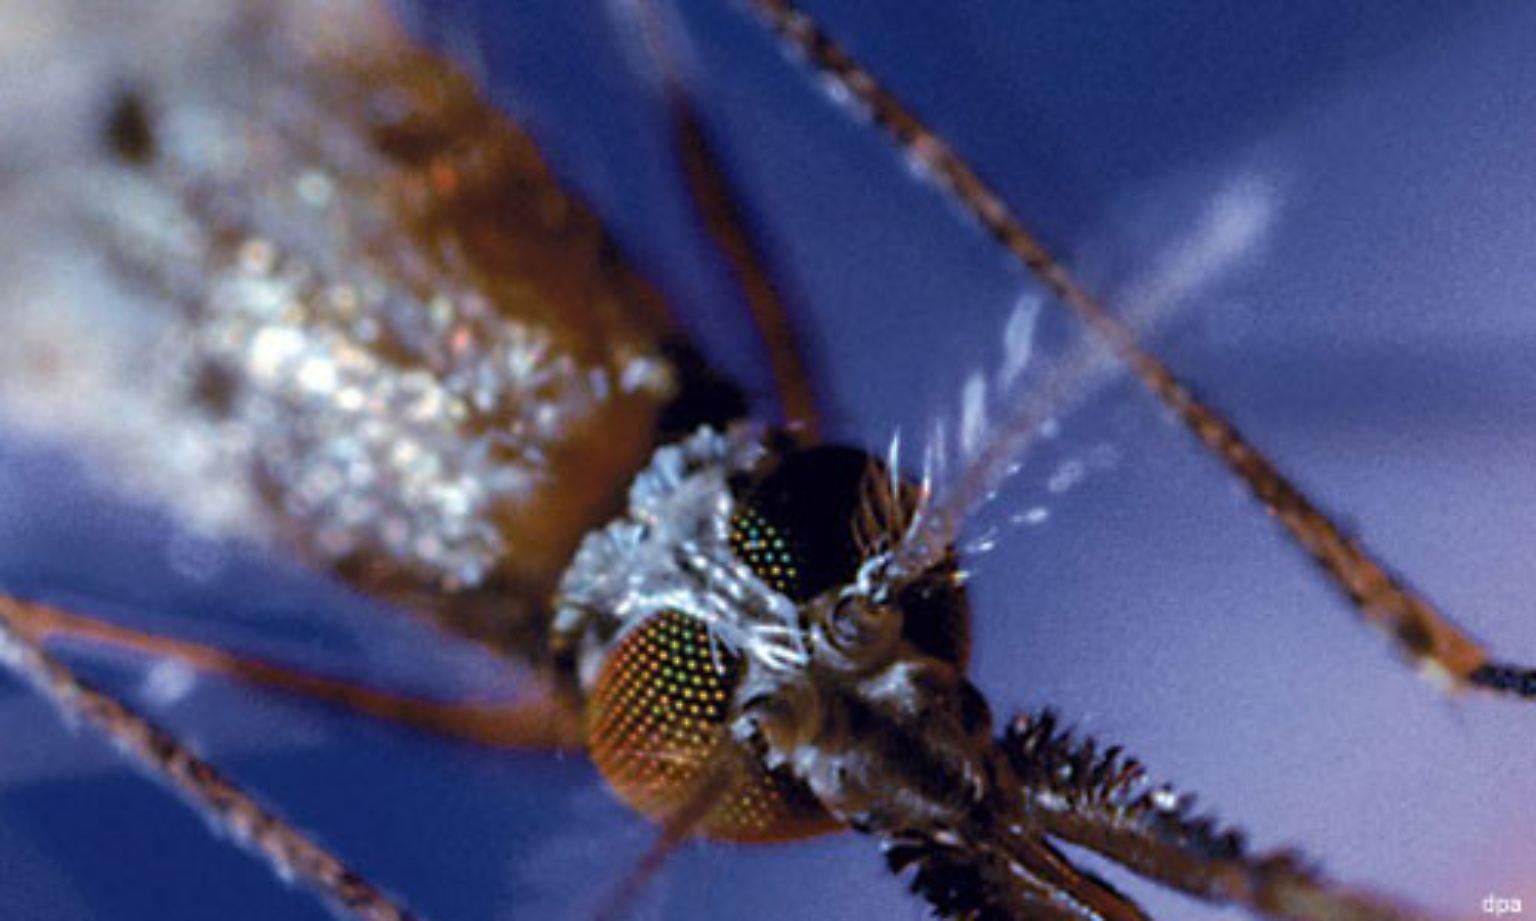 Jeder Zusammenprall eines Protonenpaars setzt soviel Energie frei wie zwei kollidierende Mücken.